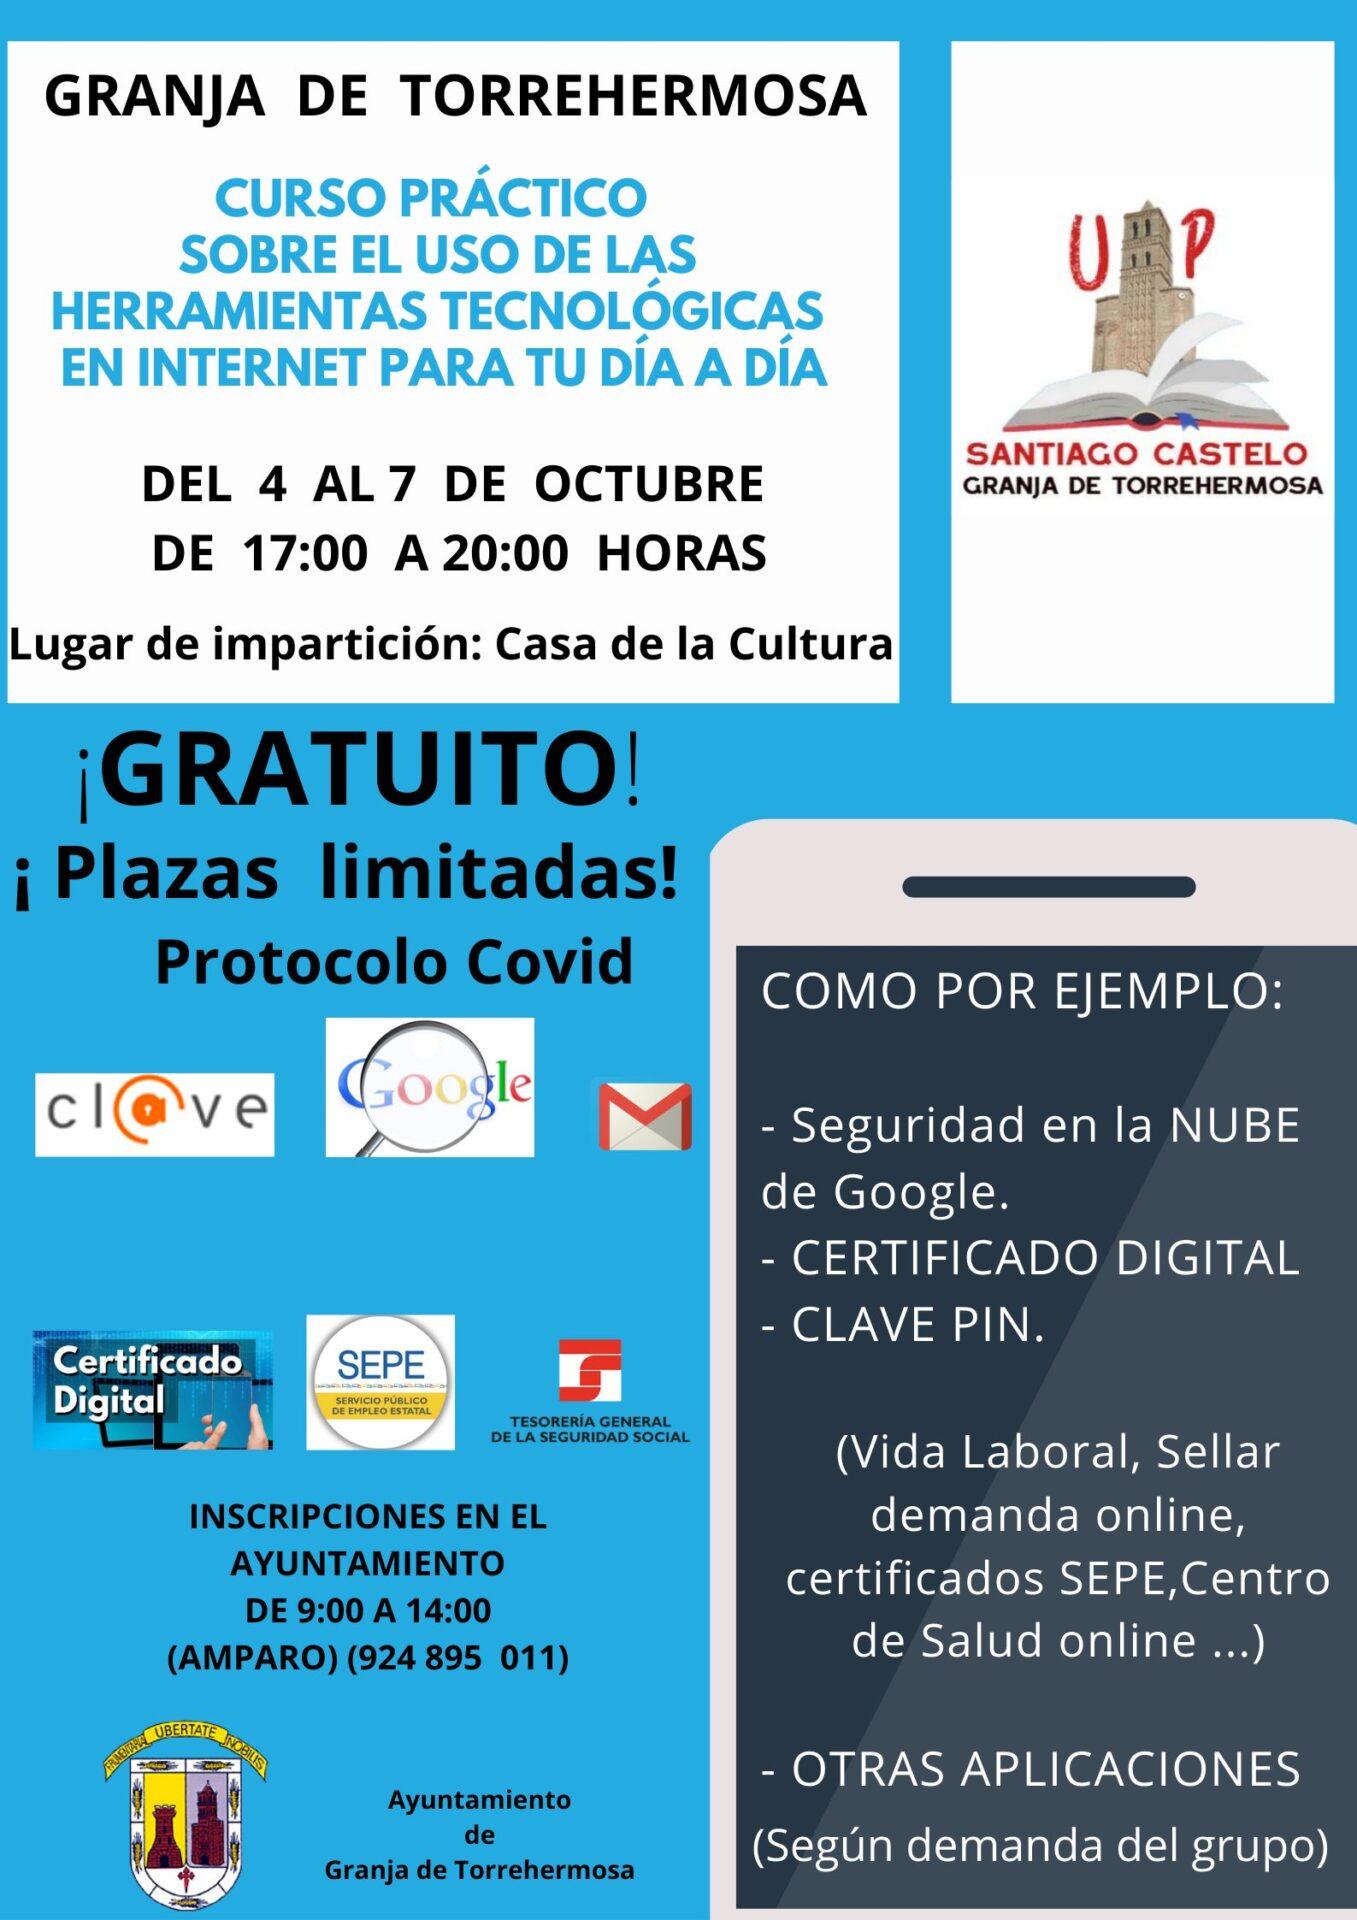 Curso Práctico sobre el uso de las Herramientas tecnológicas en internet